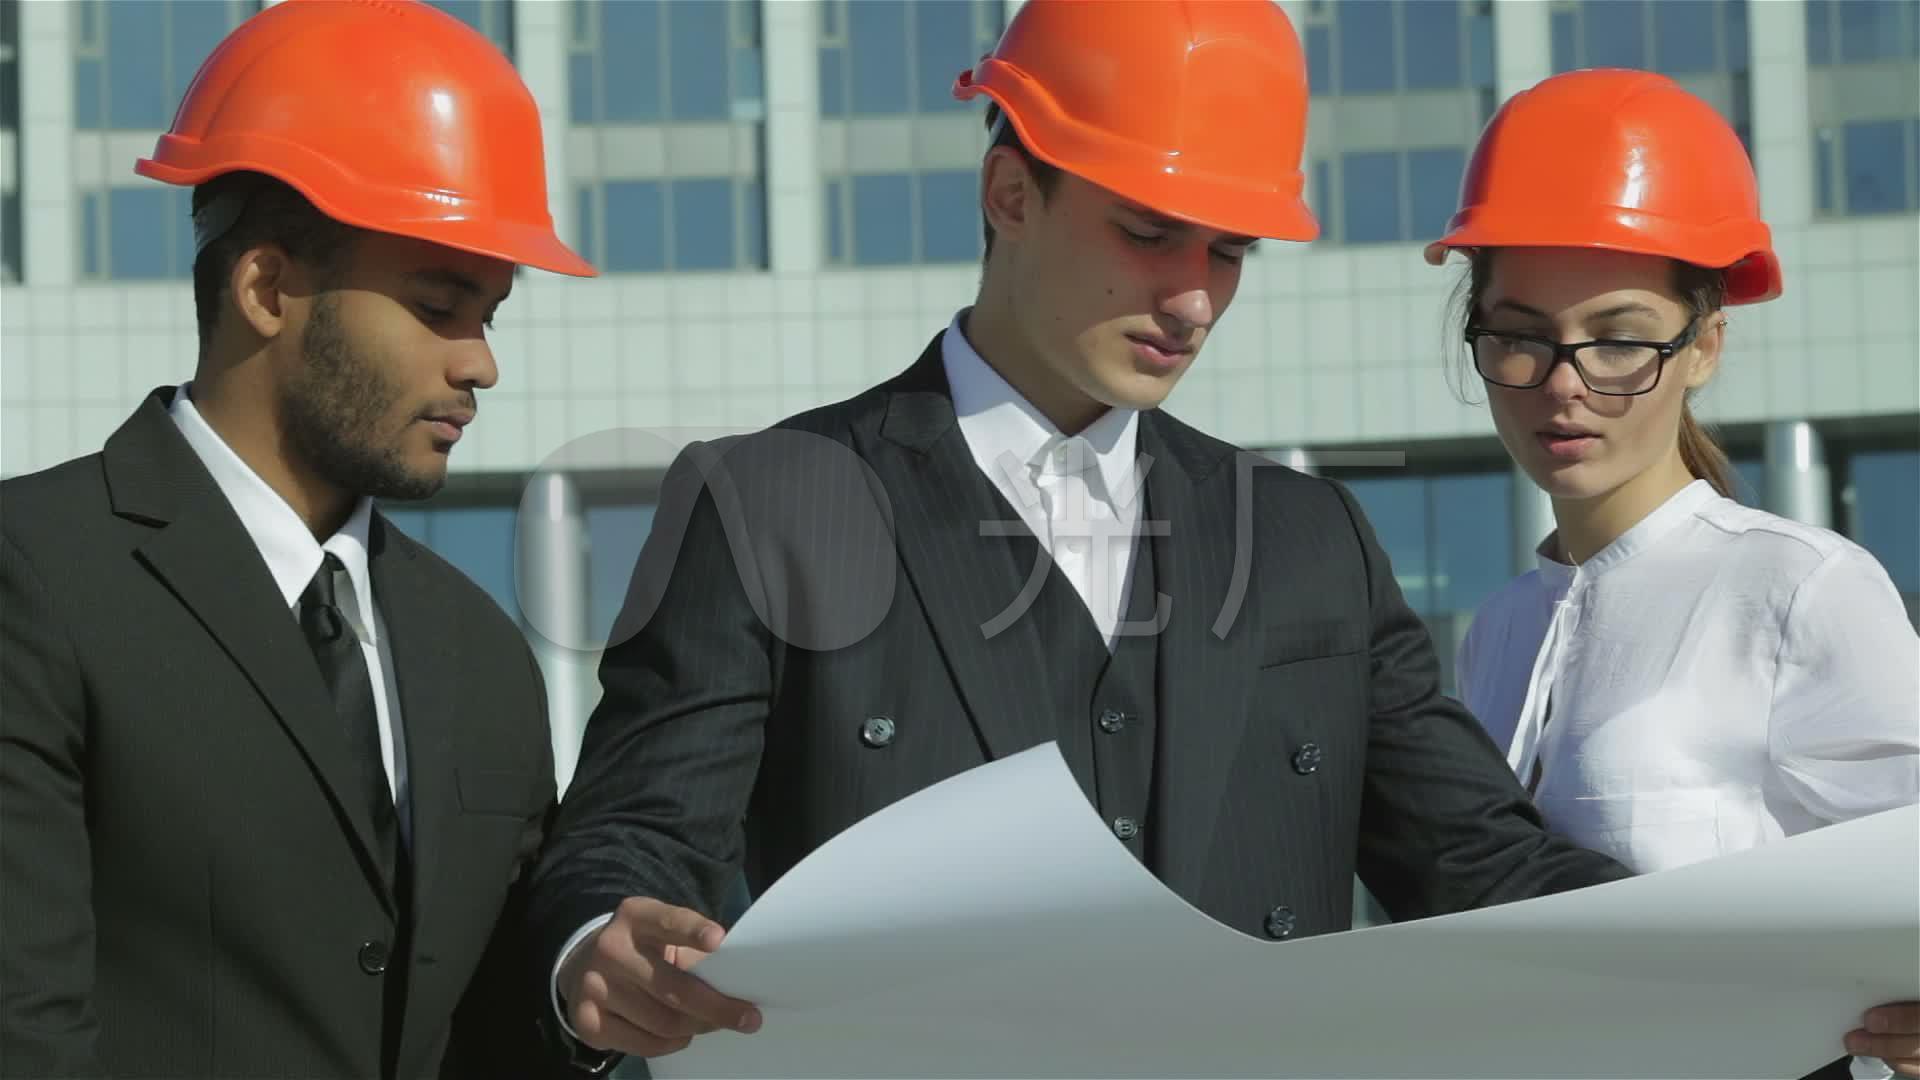 房地产项目开发讨论图纸设置_1920X1080_高cad图纸打印大小建筑怎么中图片